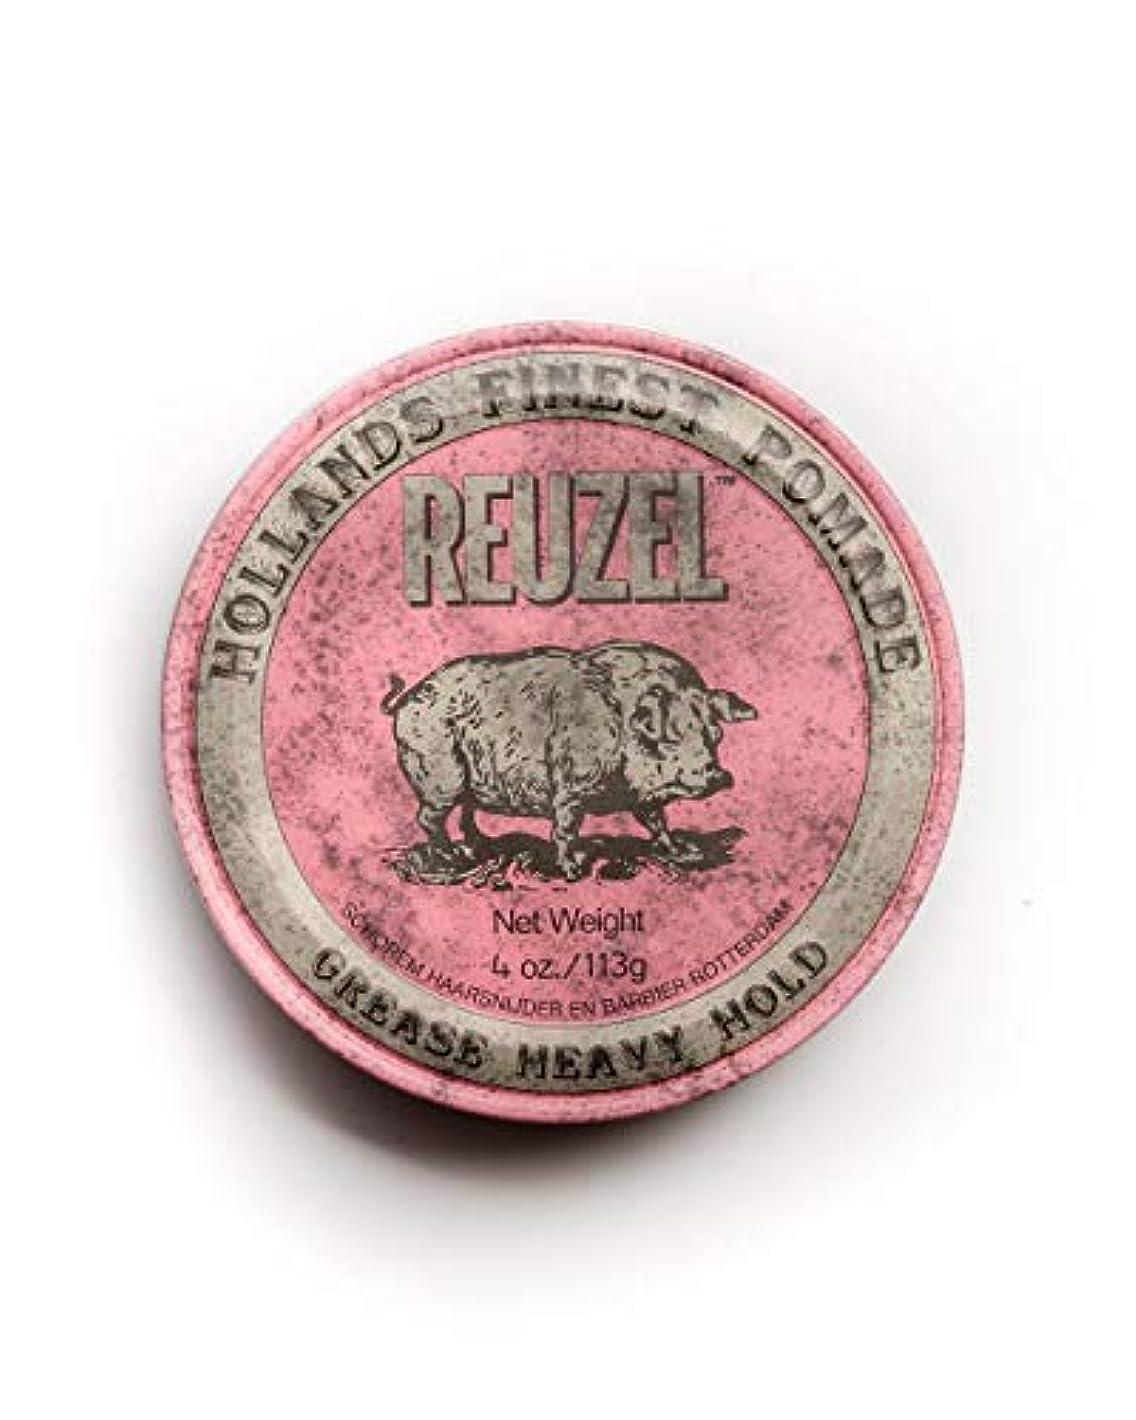 忘れっぽいアーサーしわルーゾー ピンク ヘヴィーホールド ポマード Reuzel Pink Heavy Hold Grease pomade 113 g [並行輸入品]